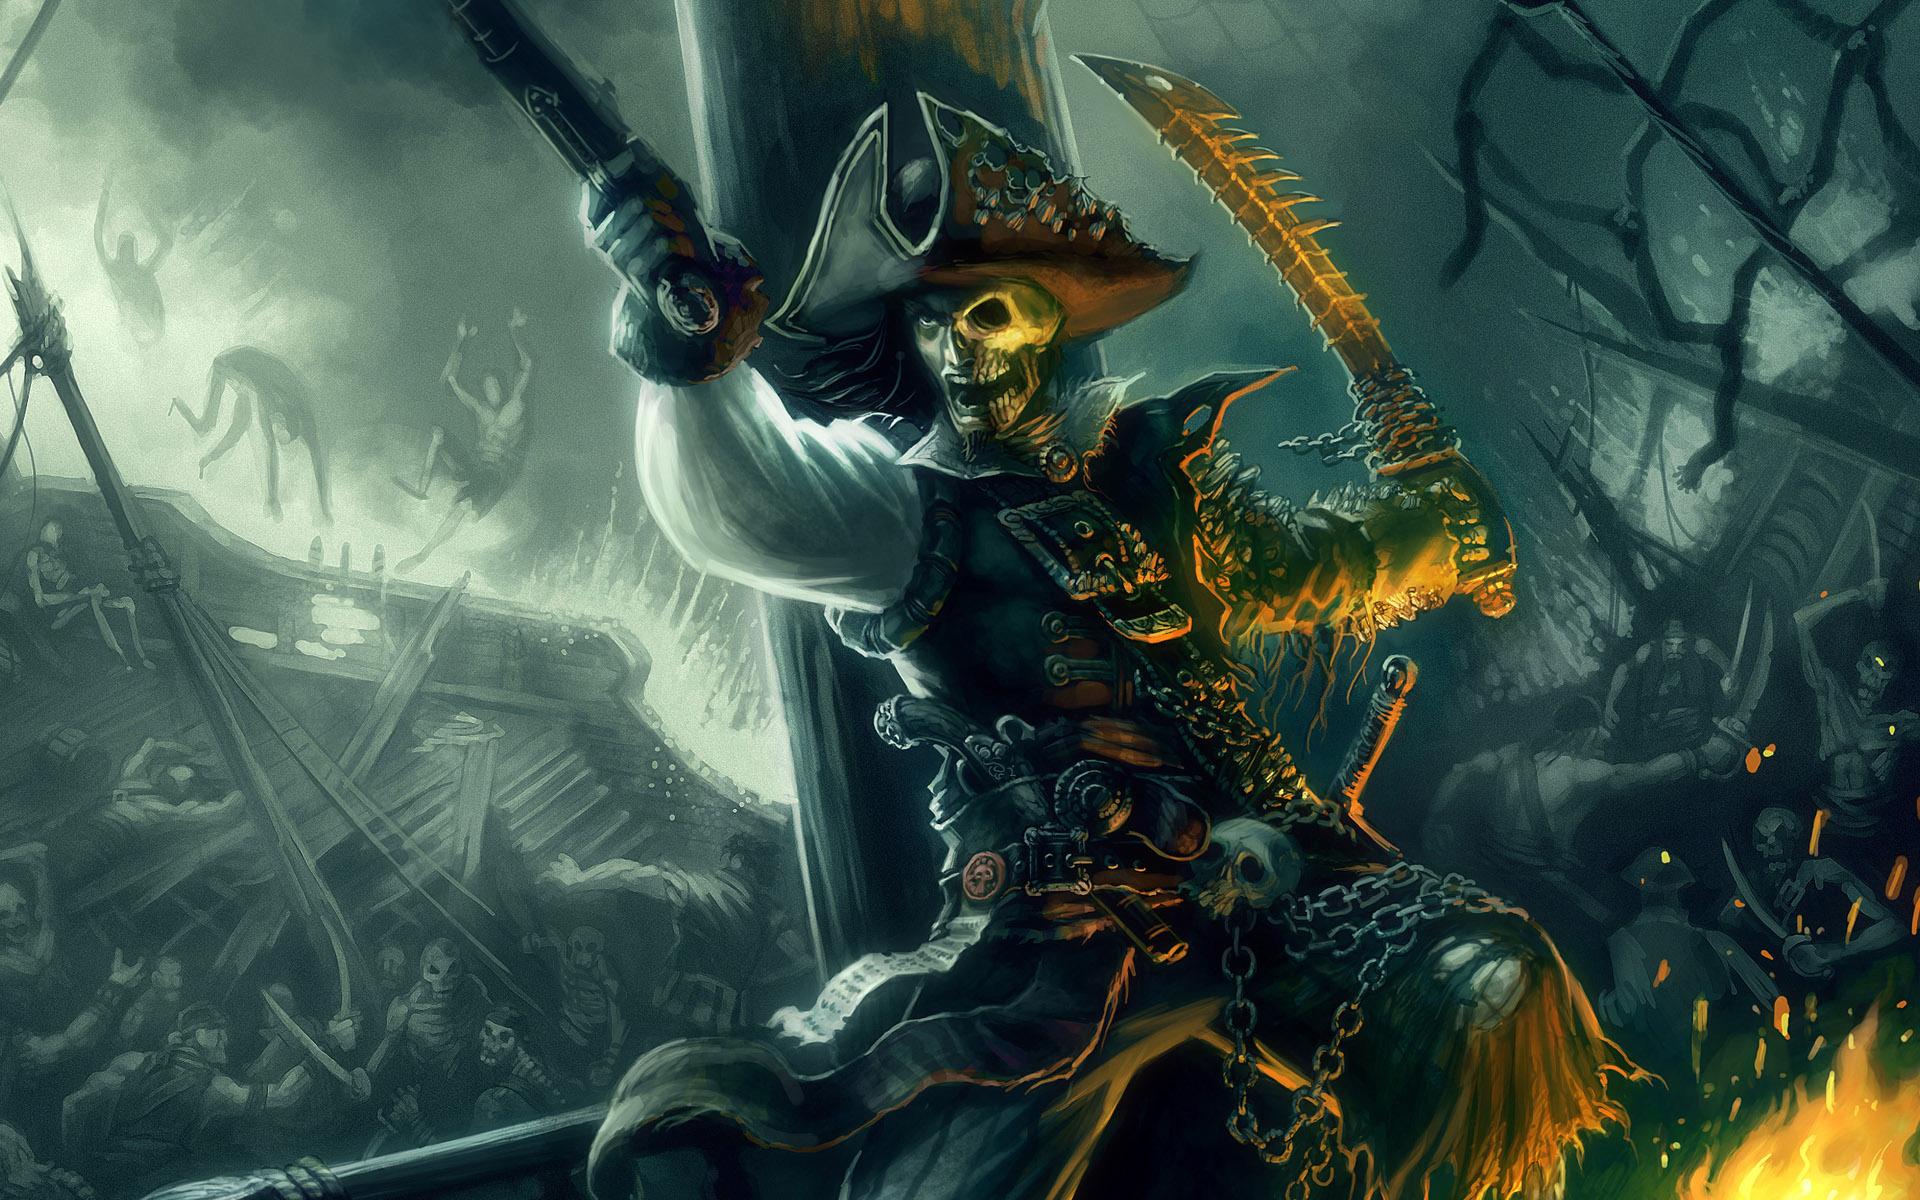 ... Wallpapers, Undead Pirate Desktop Wallpapers, Undead Pirate Desktop